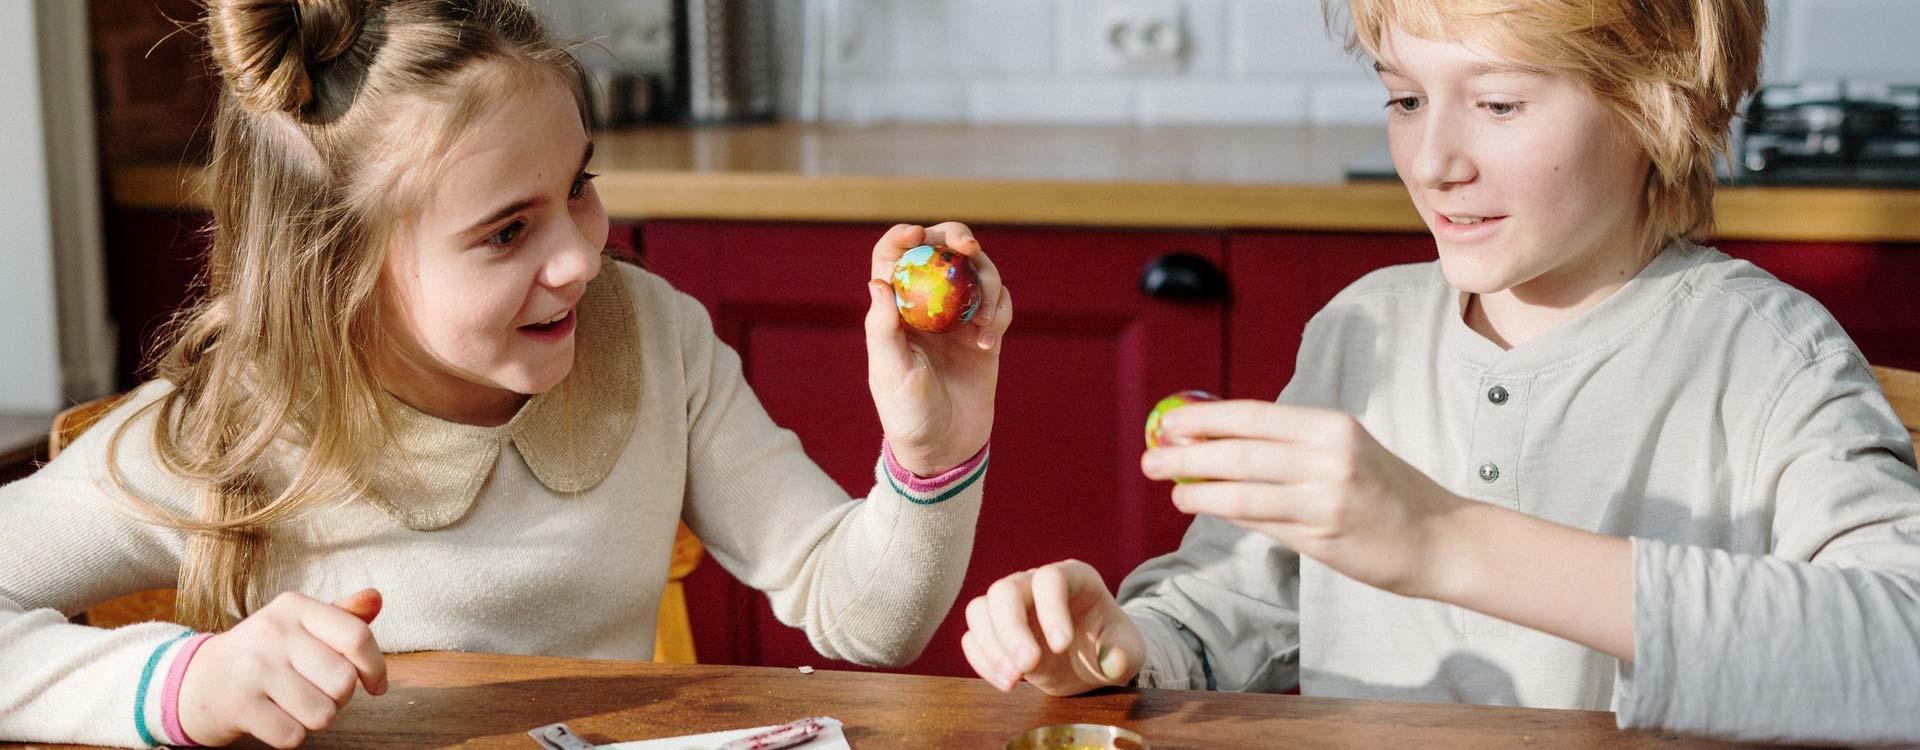 Ostereier färbern und bemalen: Das macht vielen Kindern und Erwachsenen einen Riesenspaß!